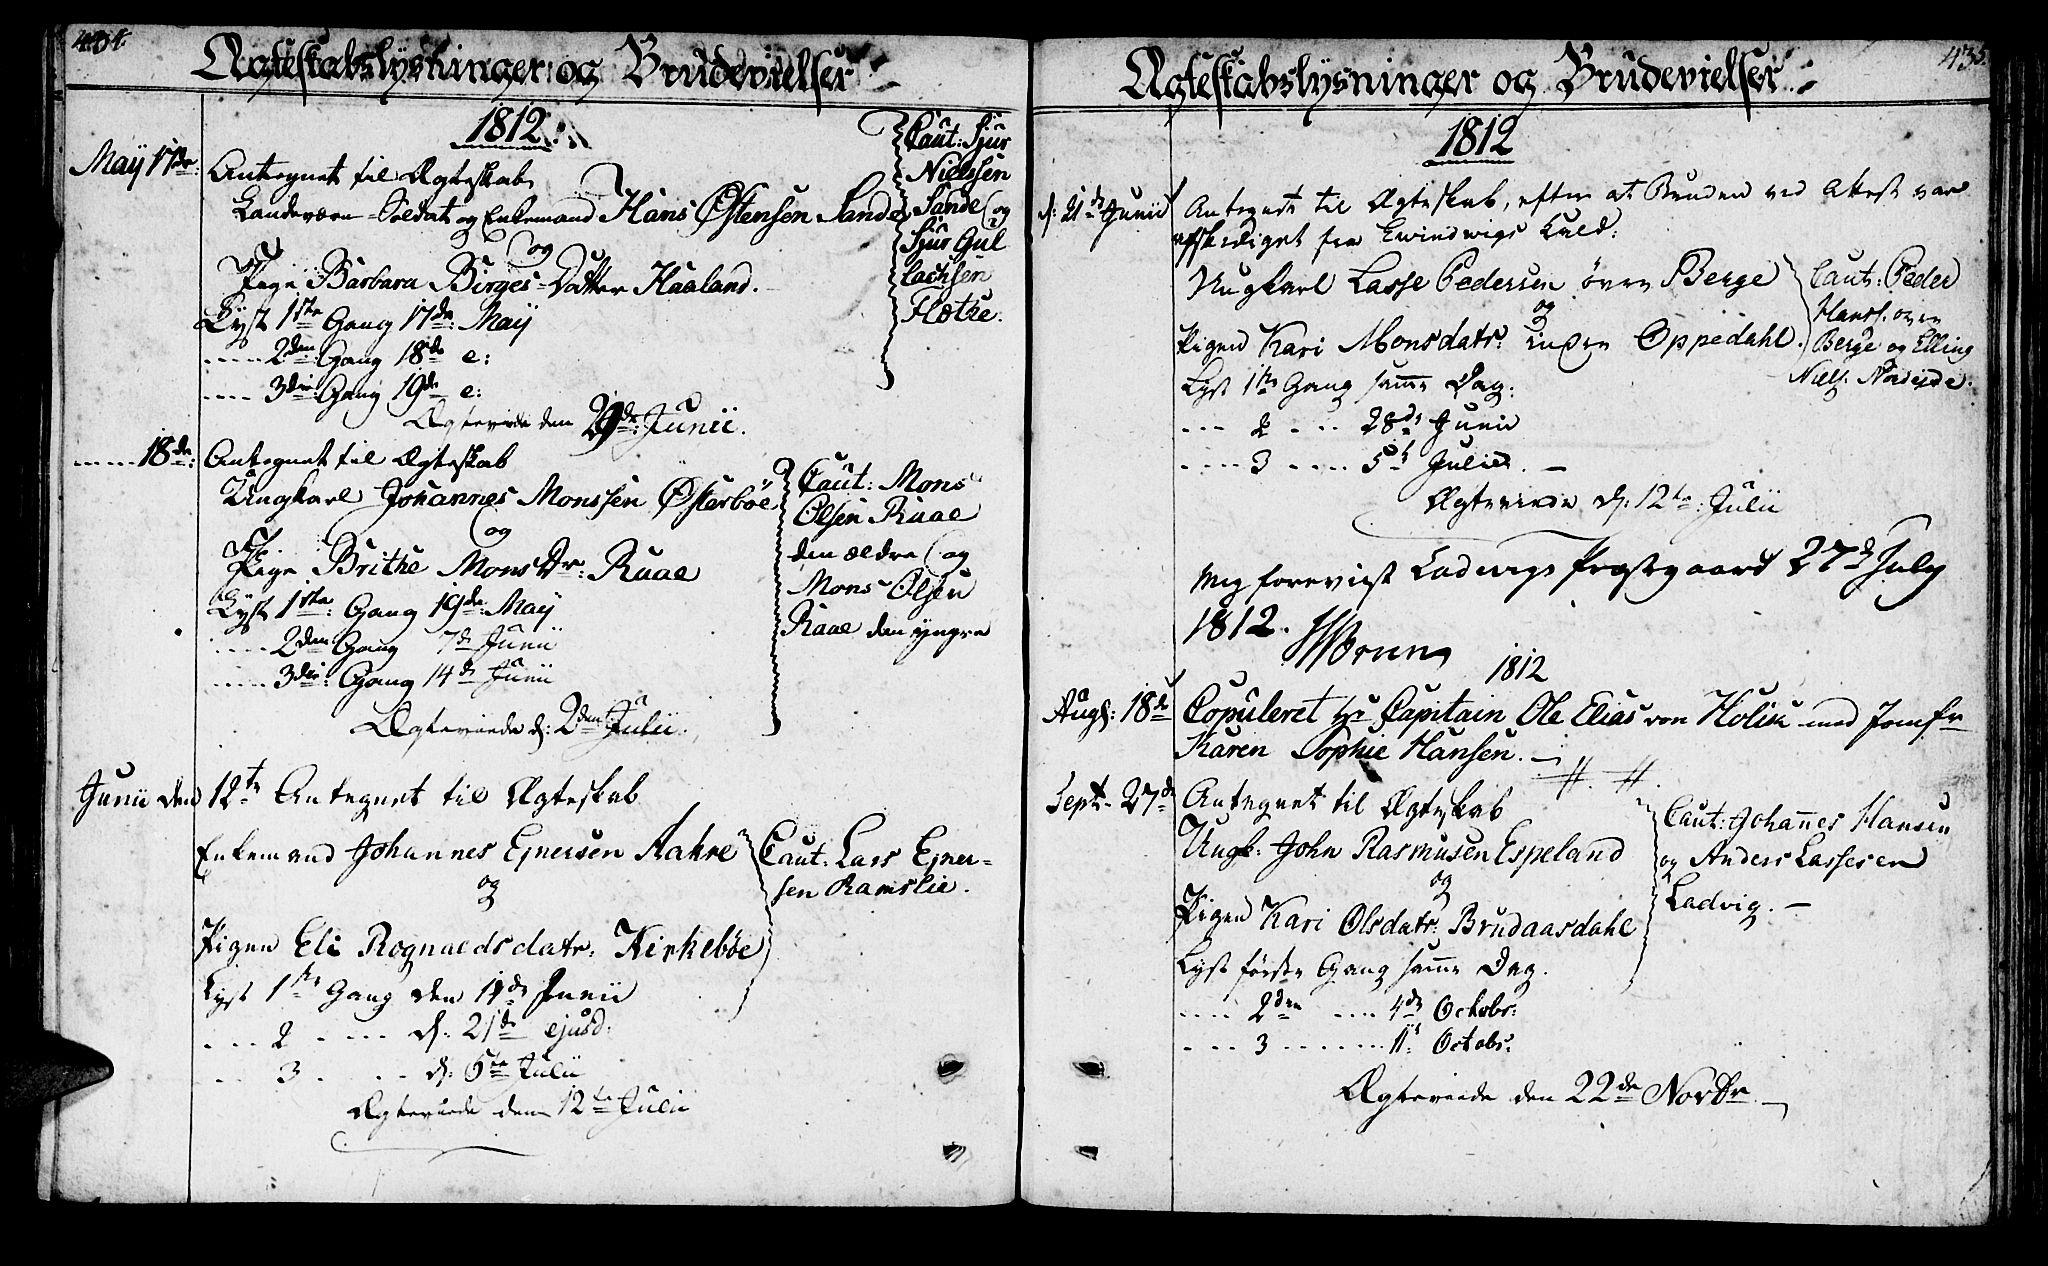 SAB, Lavik sokneprestembete, Ministerialbok nr. A 1, 1809-1822, s. 434-435